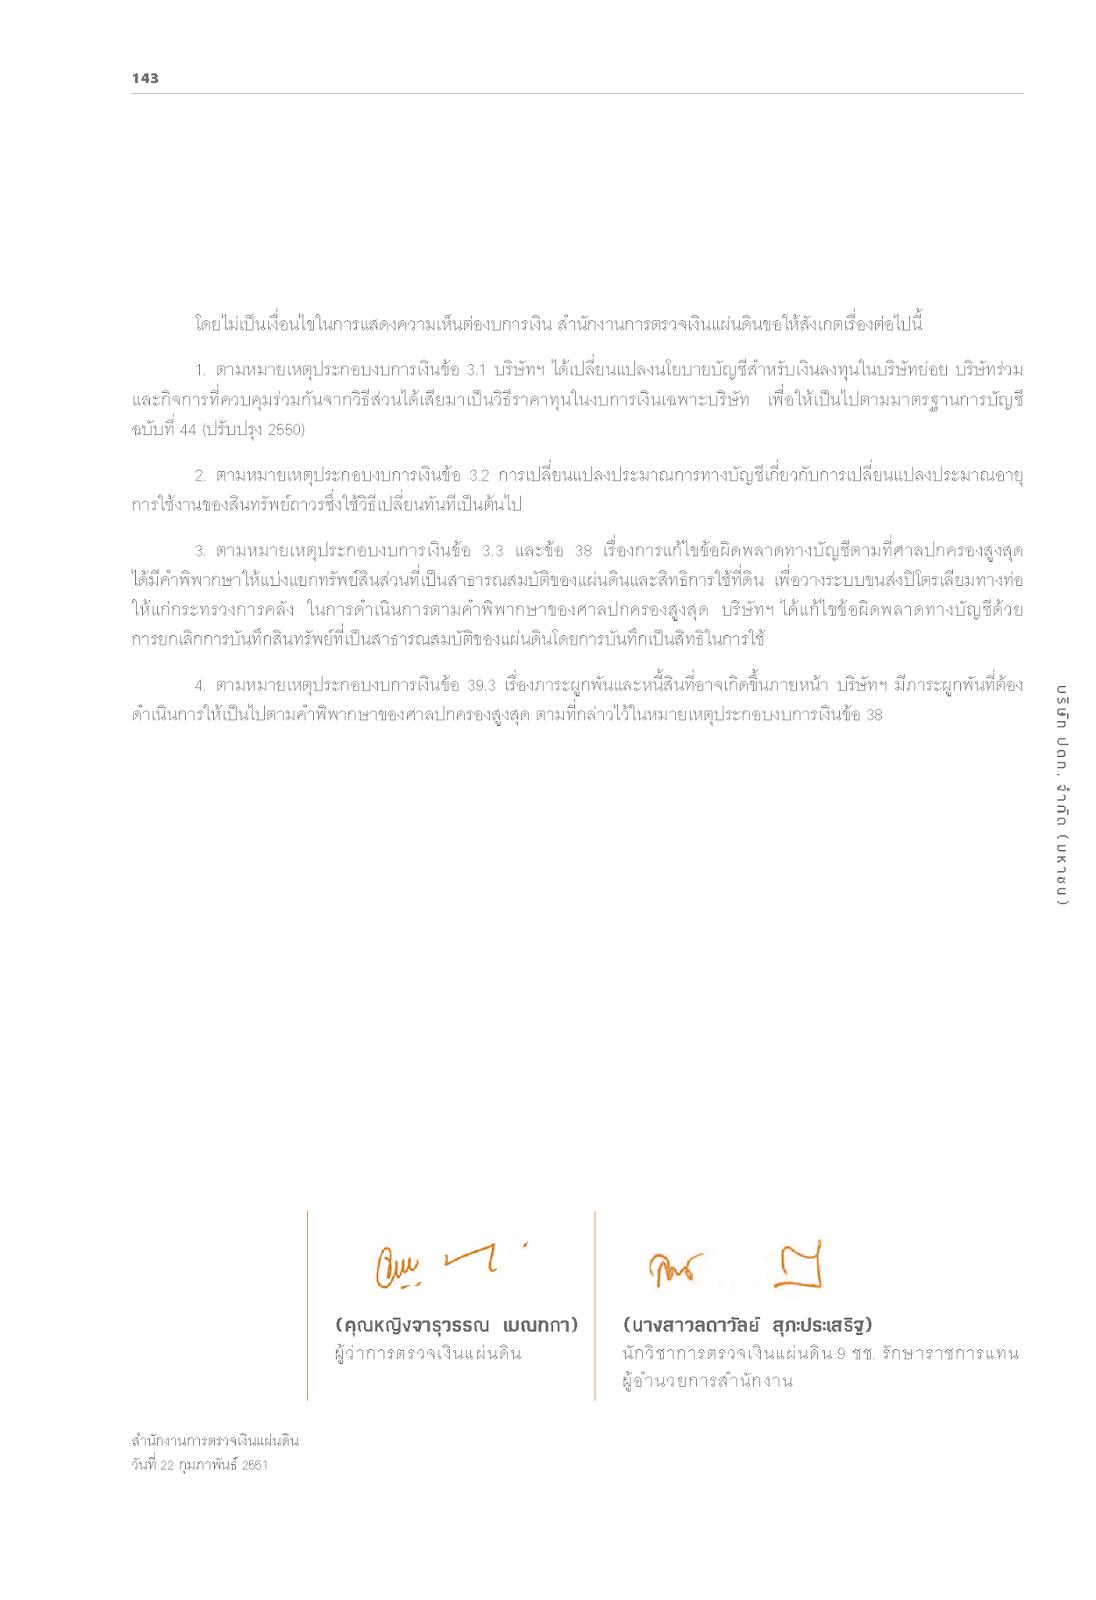 หนังสือรับรองรายงานการเงินปี50p2 โดย สตง. ที่แจงต่อผู้ถือหุ้น ปตท.